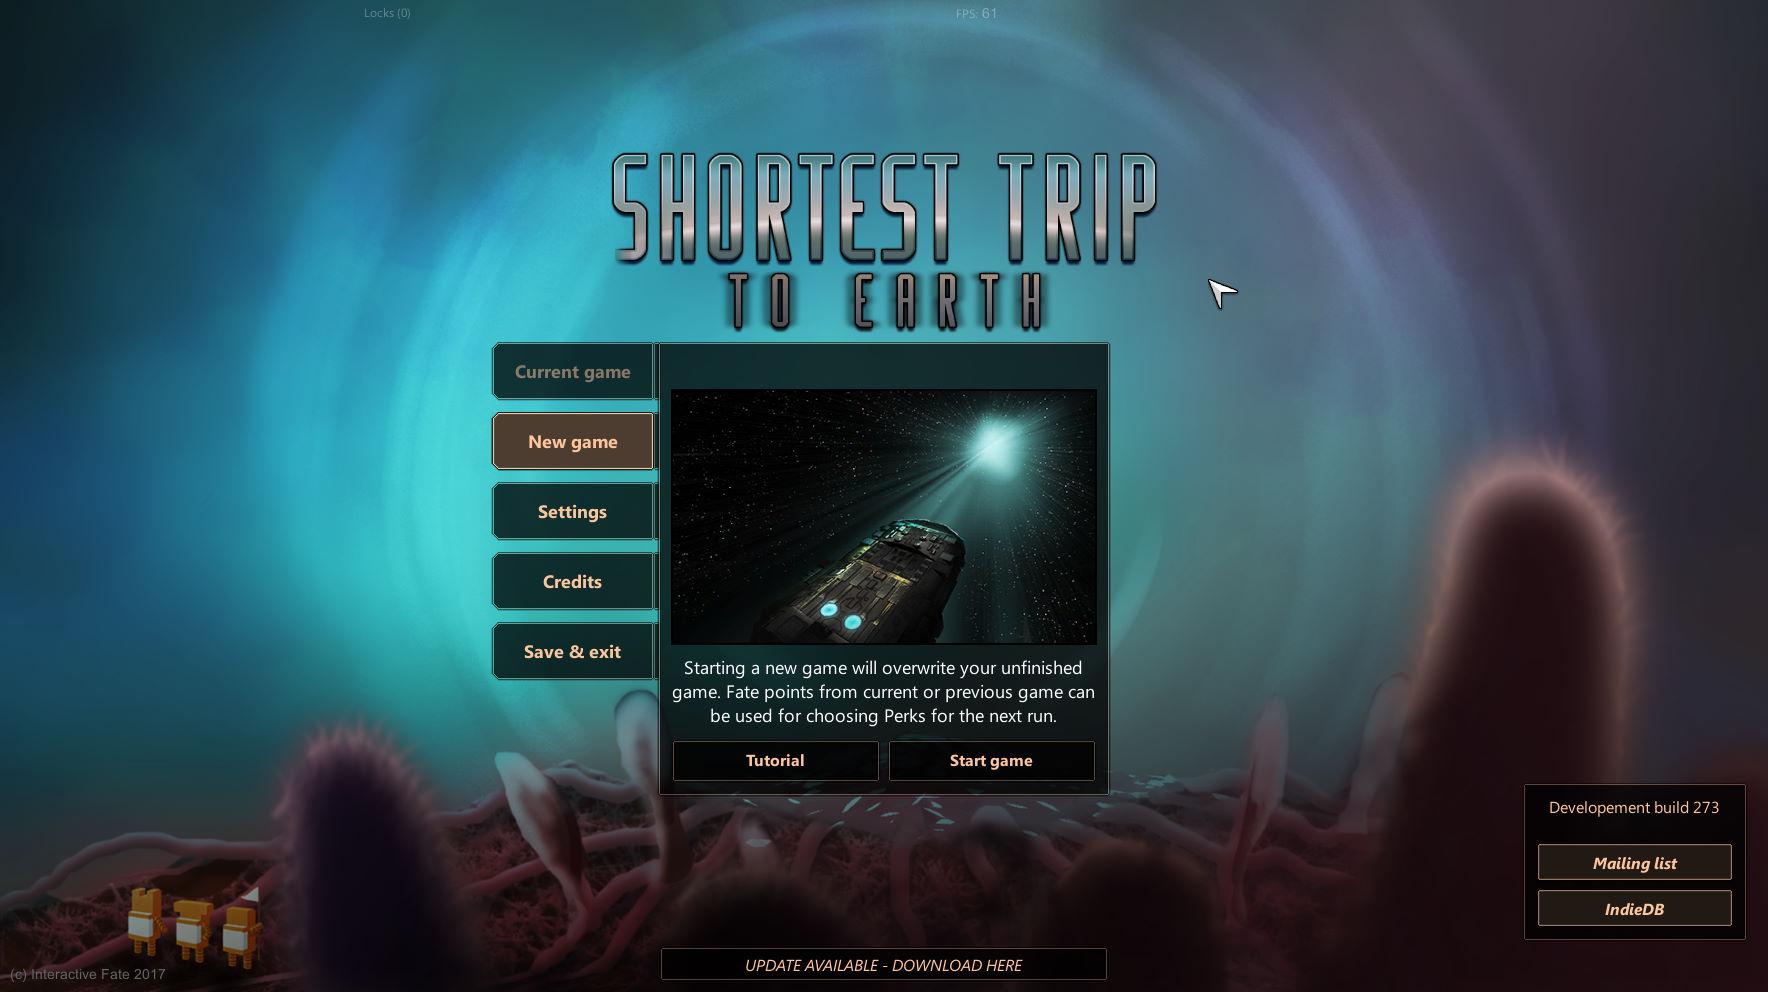 地球短途旅行 游戏截图